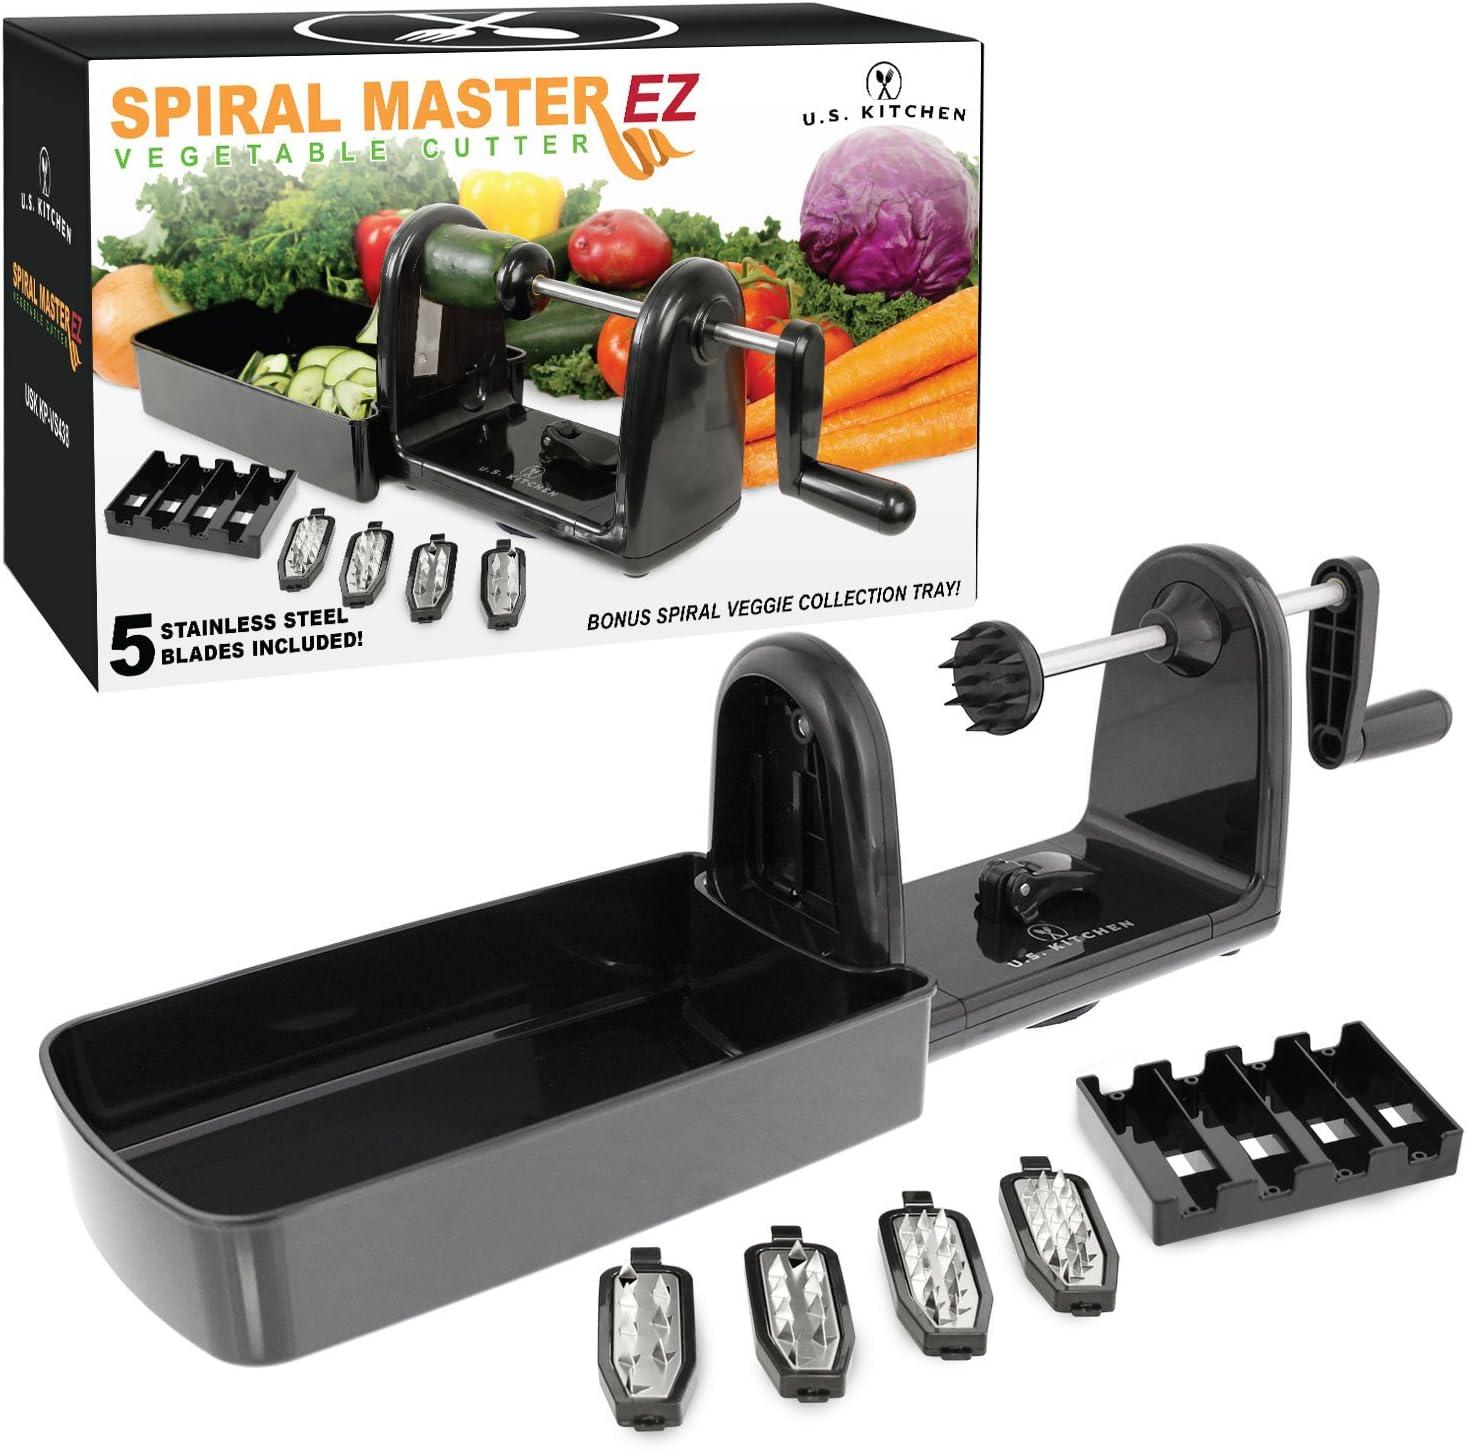 U.S. Kitchen Supply Spiral Master EZ Vegetable Cutter with 5 Versatile Stainless Steel Slicer Blades - Compact, Durable - Make Spiral Veggie Pasta, Spaghetti - Cut Fruit